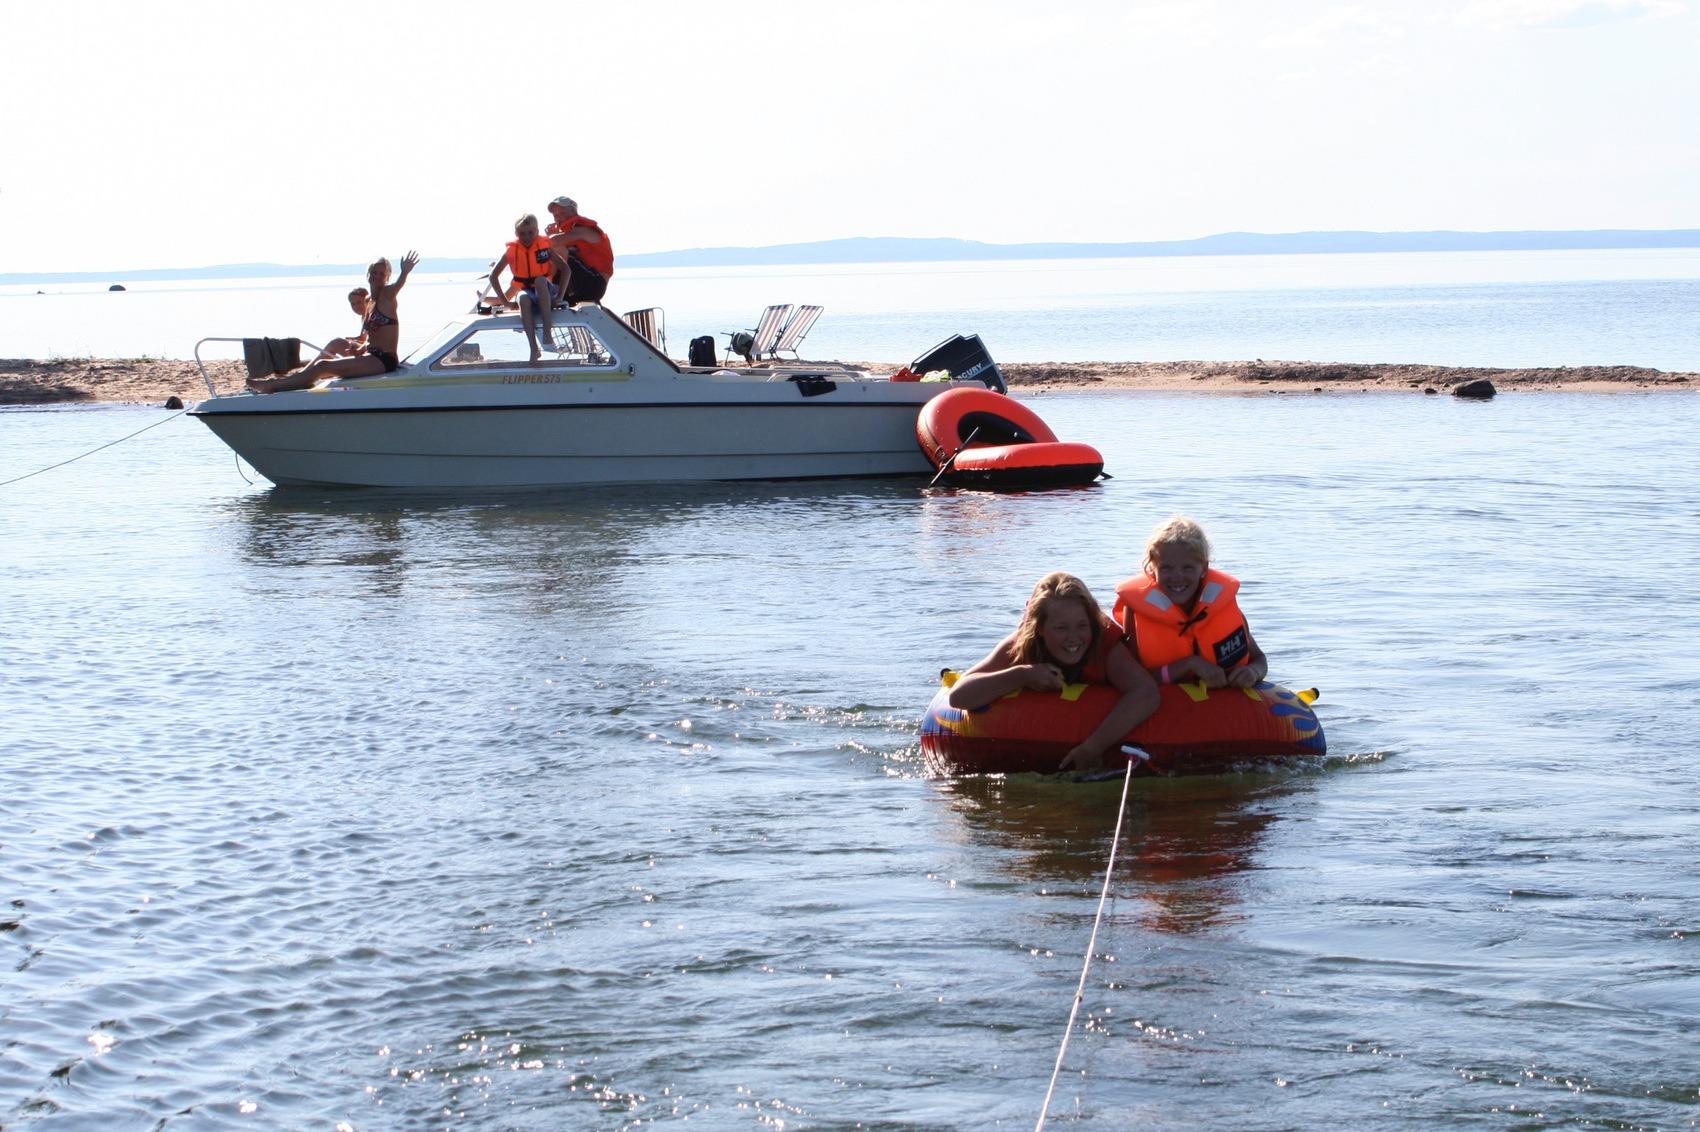 Två barn ligger på en flytande ring i vattnet kopplad till båt